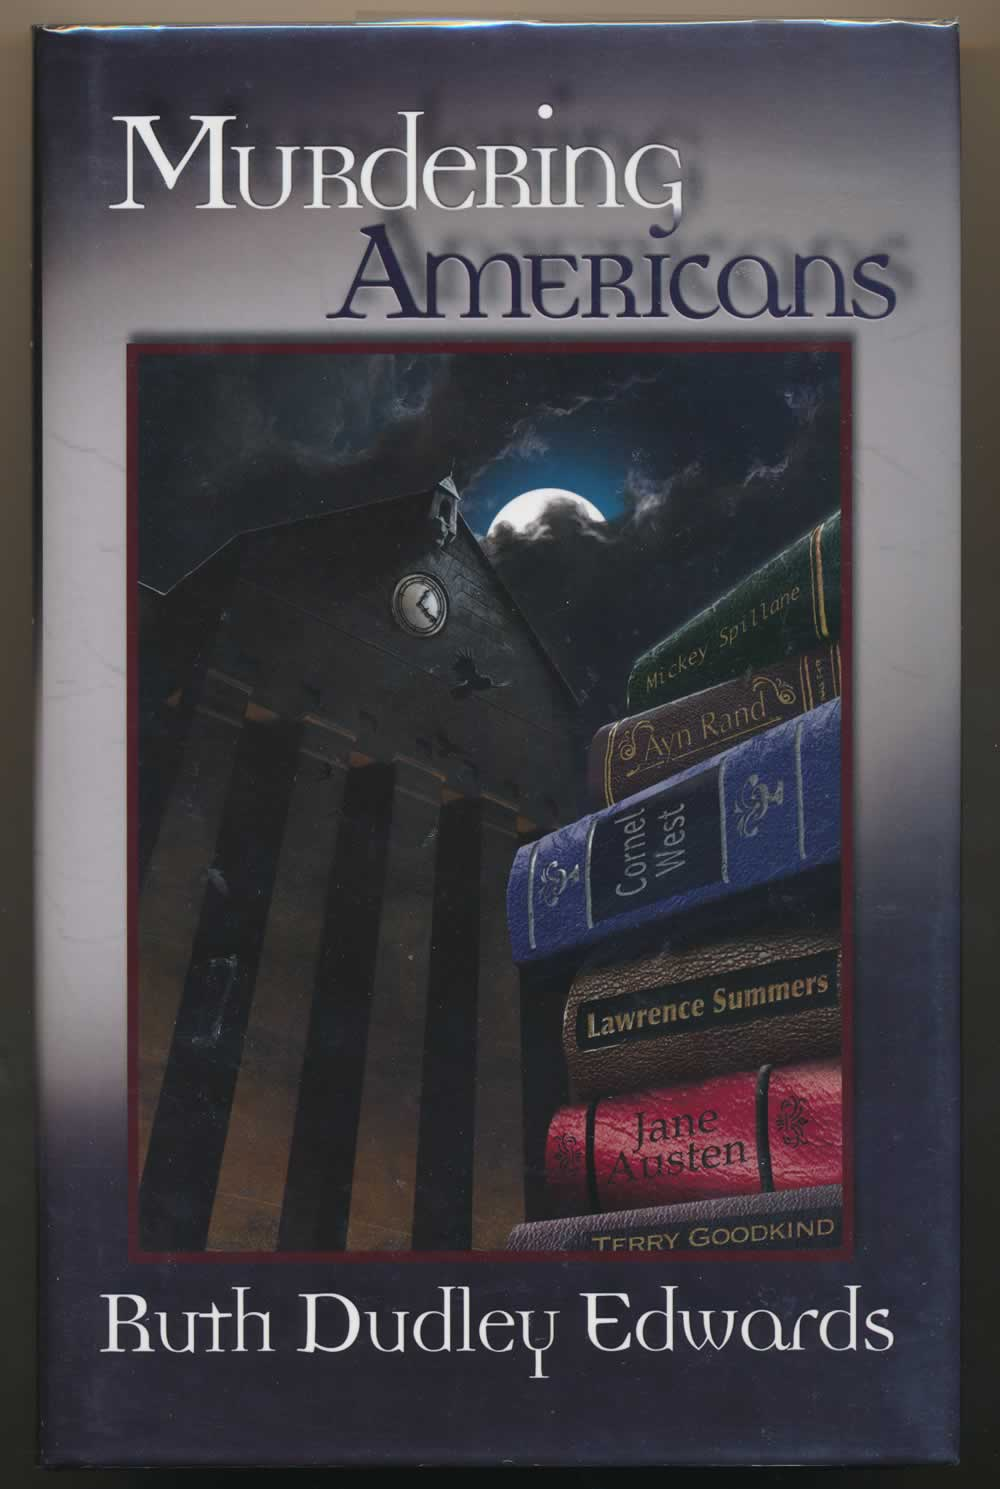 Murdering Americans